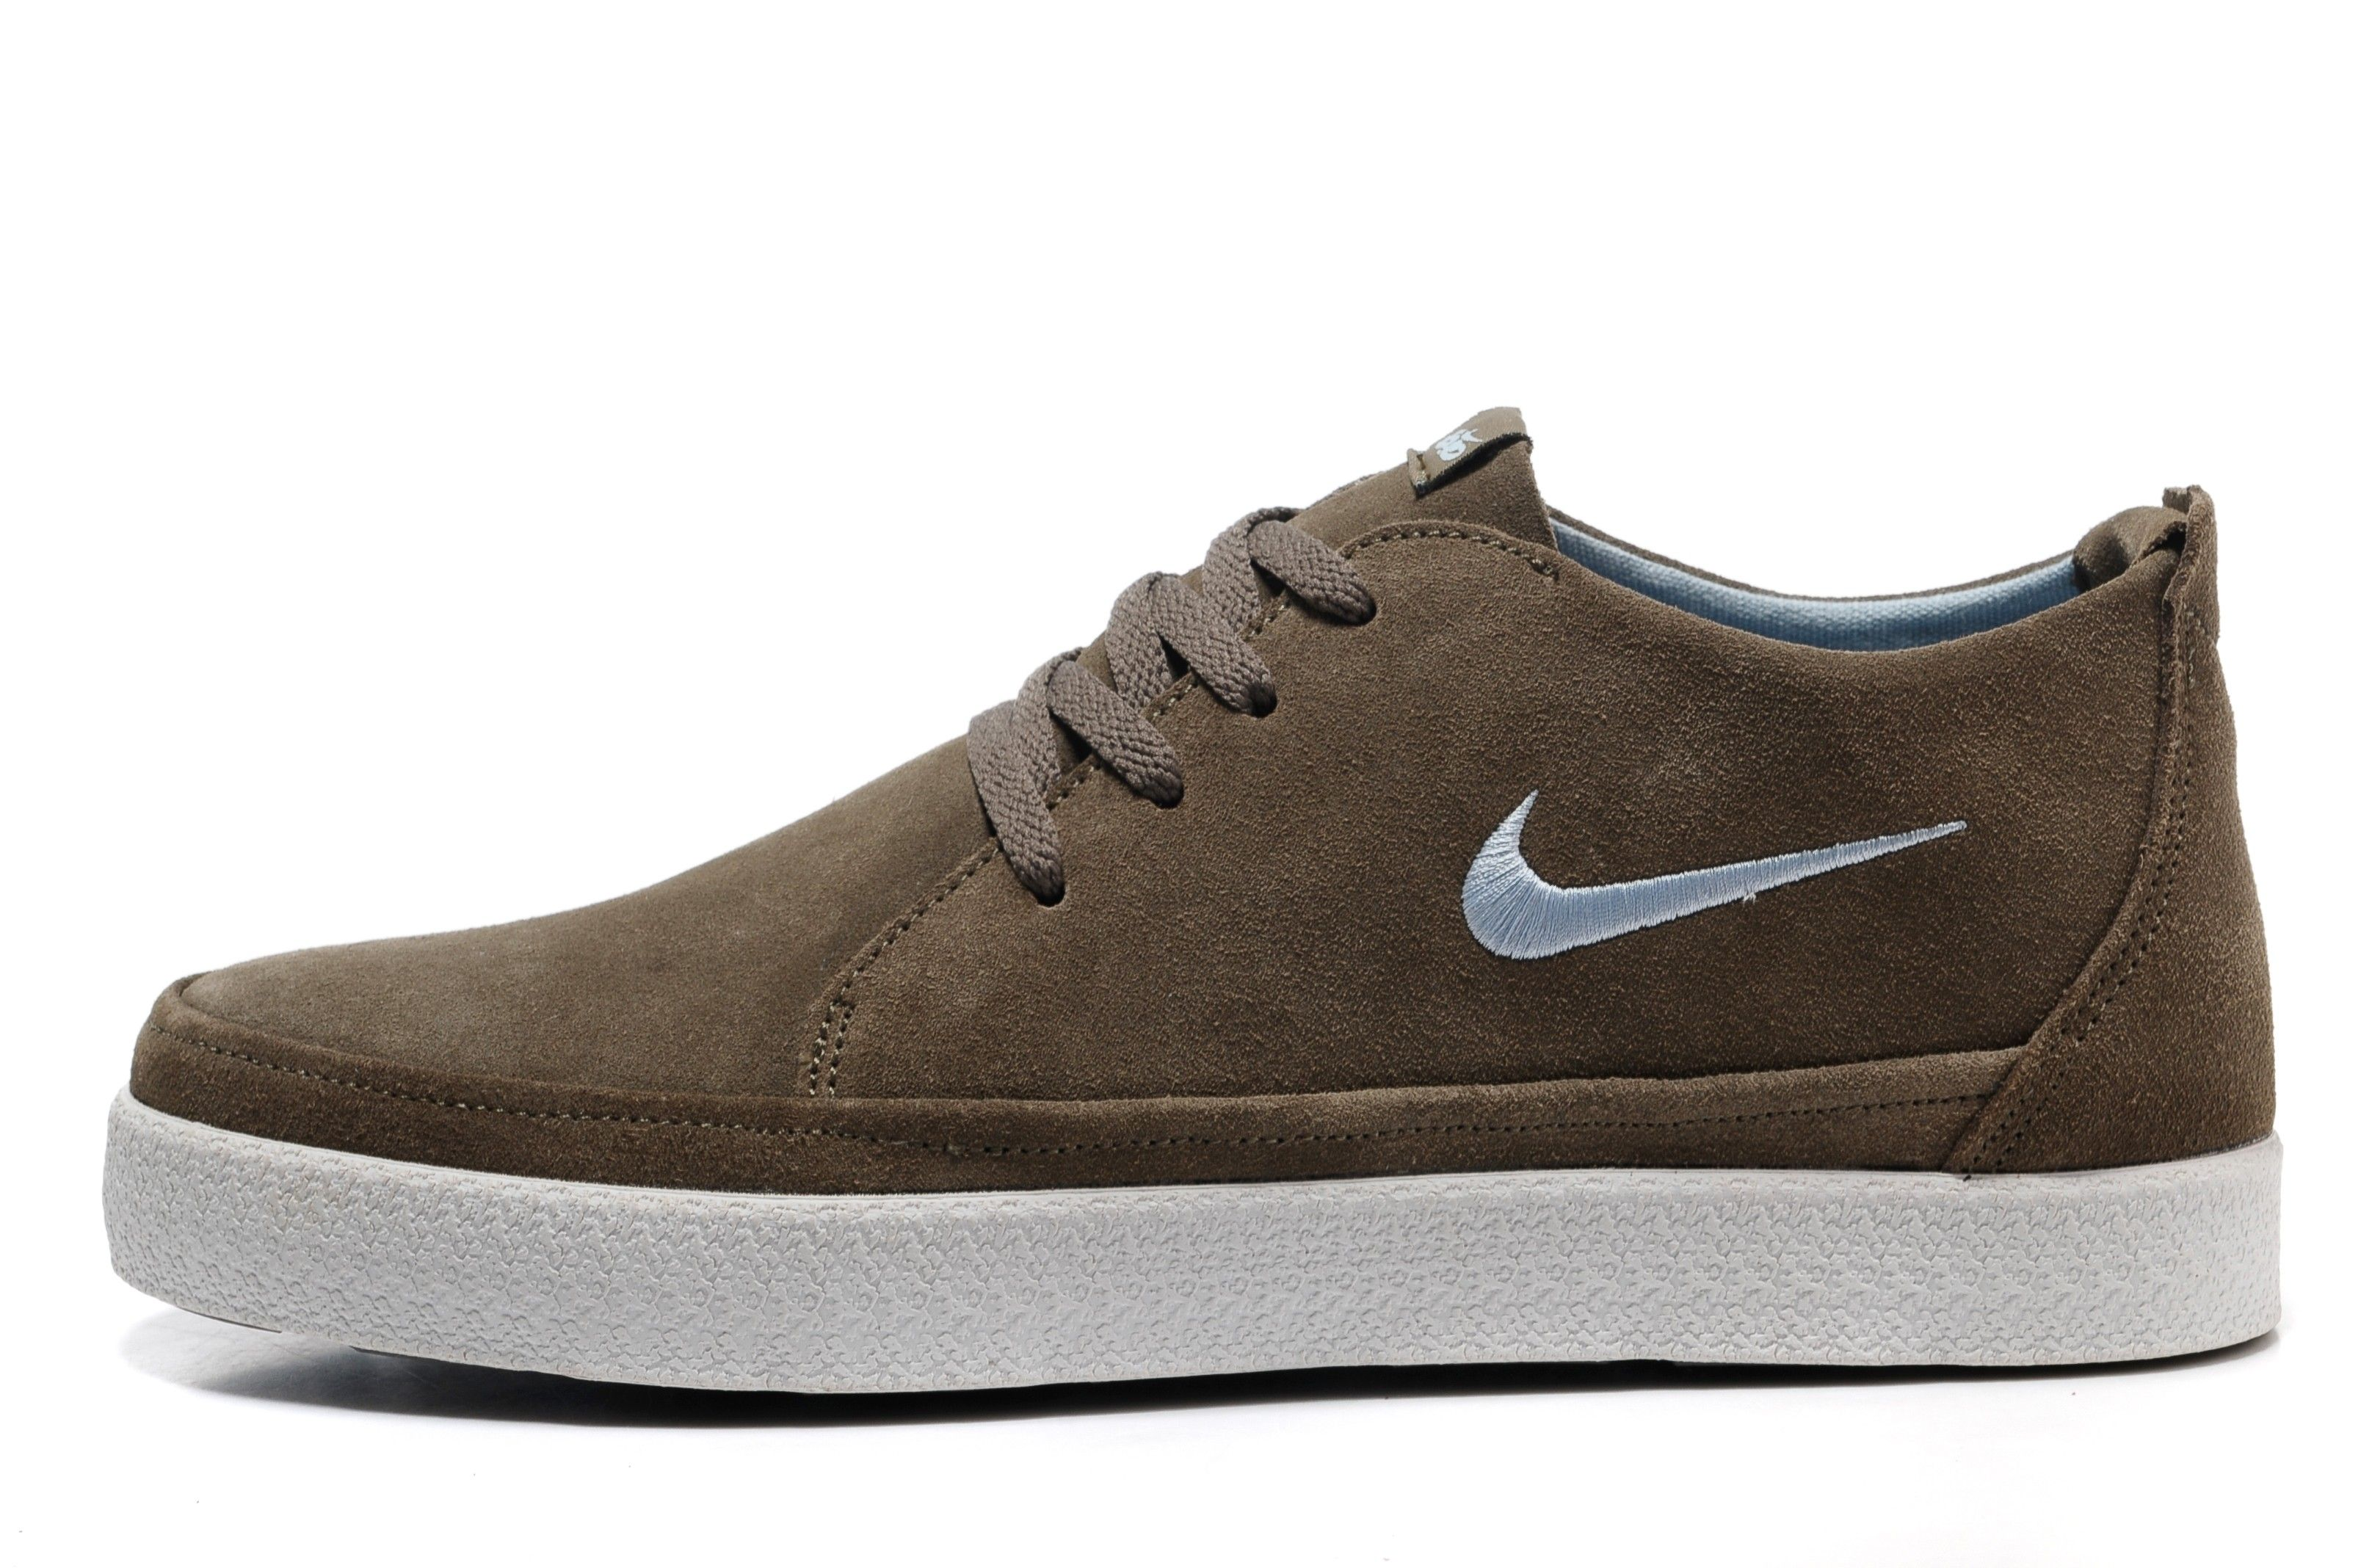 Nike EFREE 6.0 Moda casual